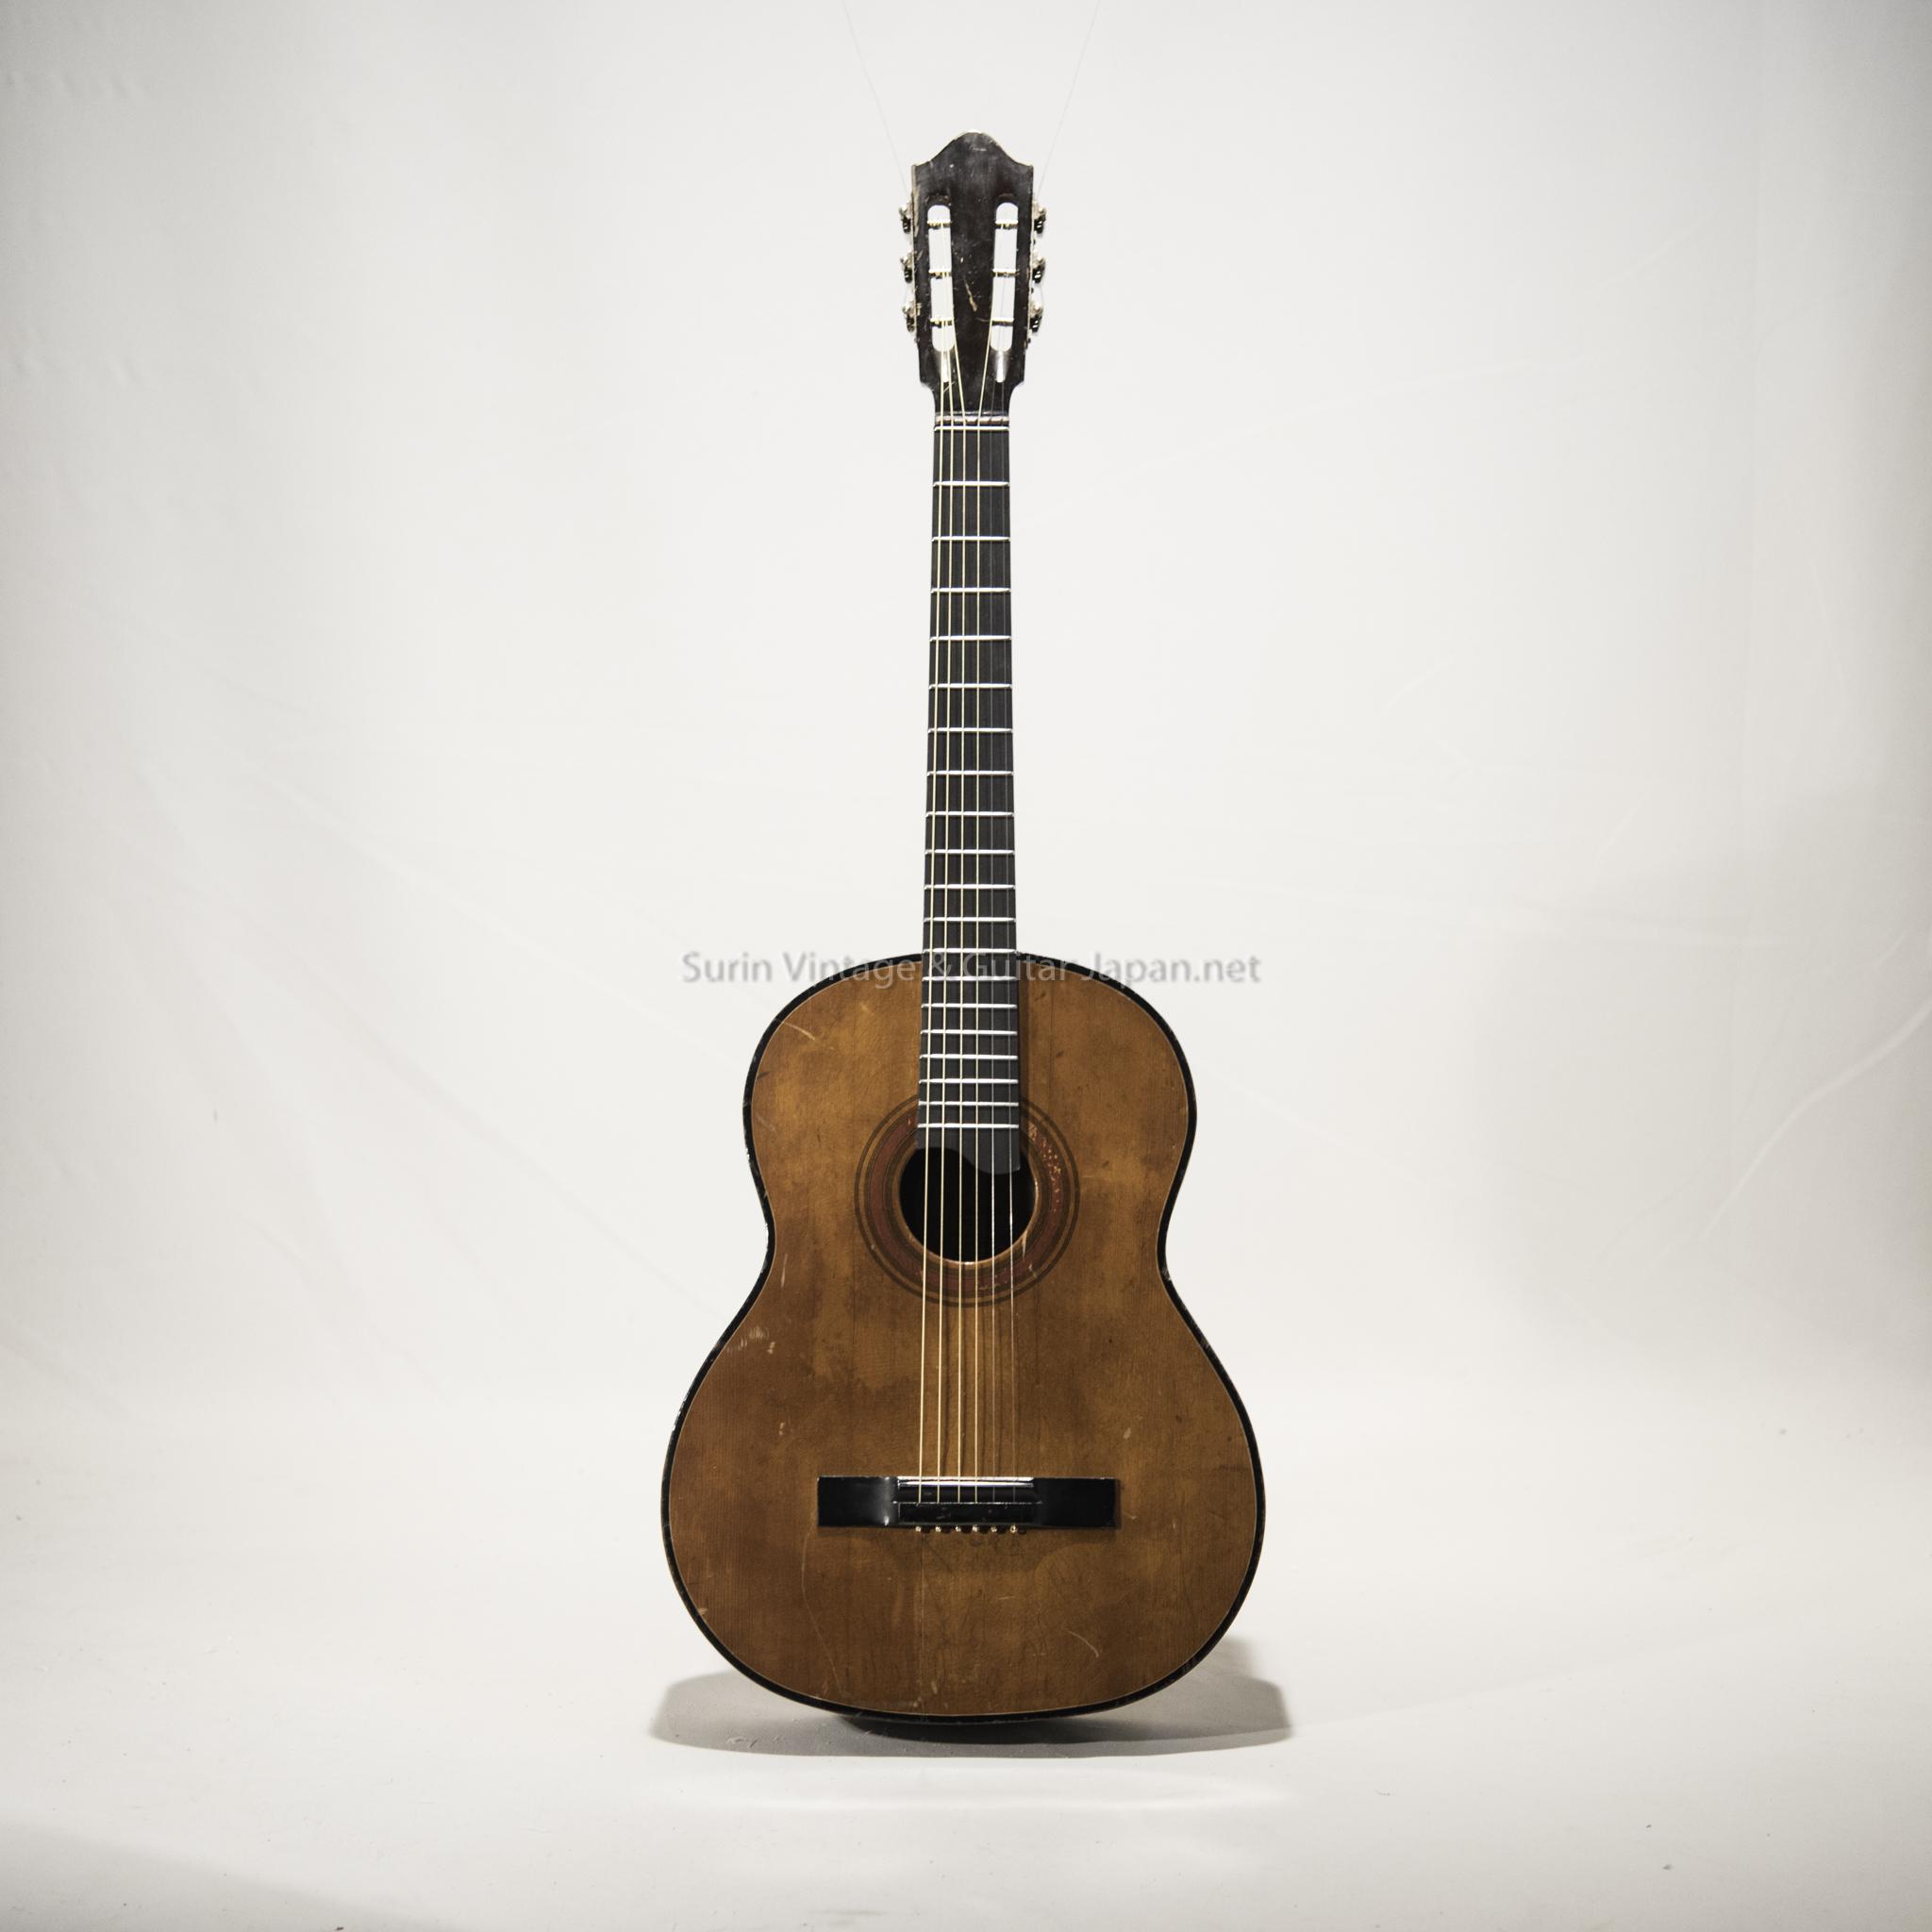 กีต้าร์คลาสสิคมือสอง Academy Guitar No.29 (All Solid)